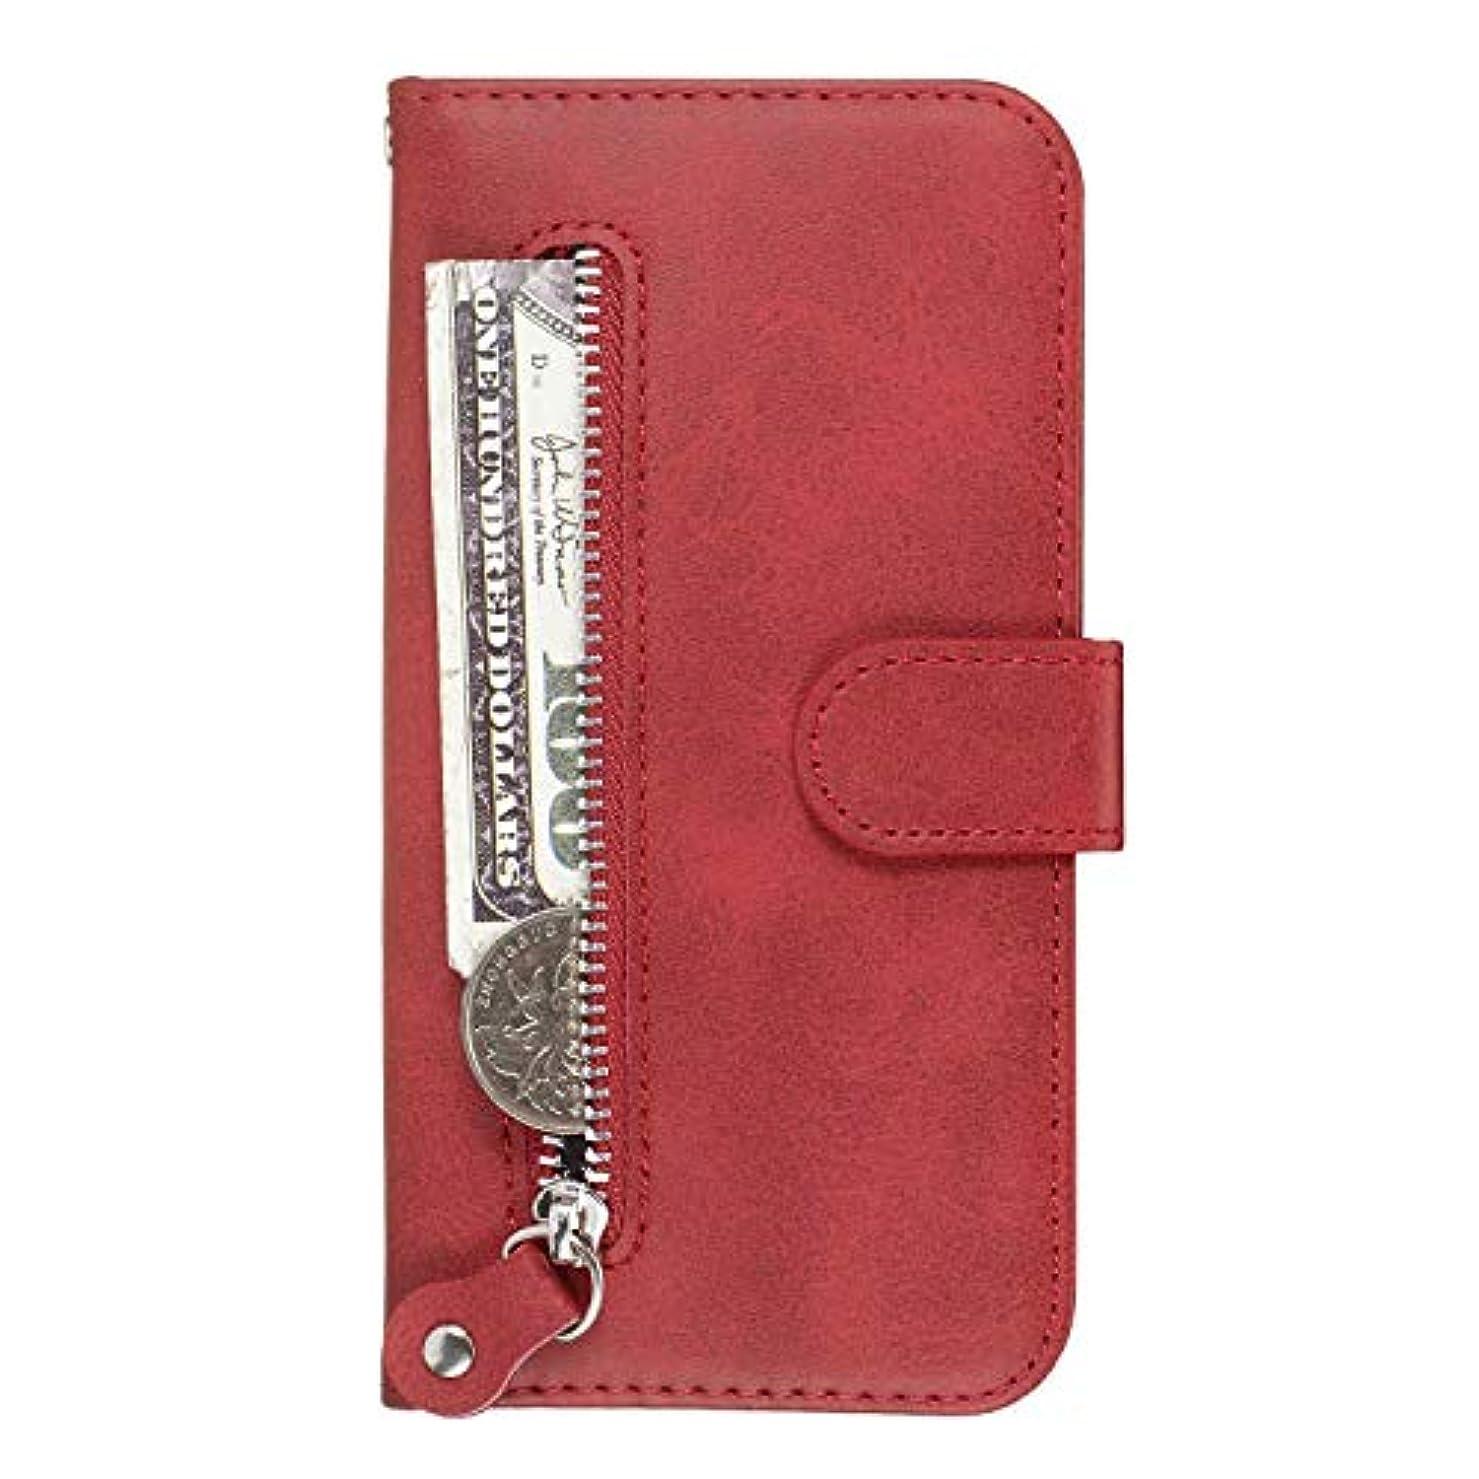 幾分人道的キャストOMATENTI iPhone X/iPhone XS ケース, 軽量 PUレザー 薄型 簡約風 人気カバー バックケース iPhone X/iPhone XS 用 Case Cover, 液晶保護 カード収納, 財布と...